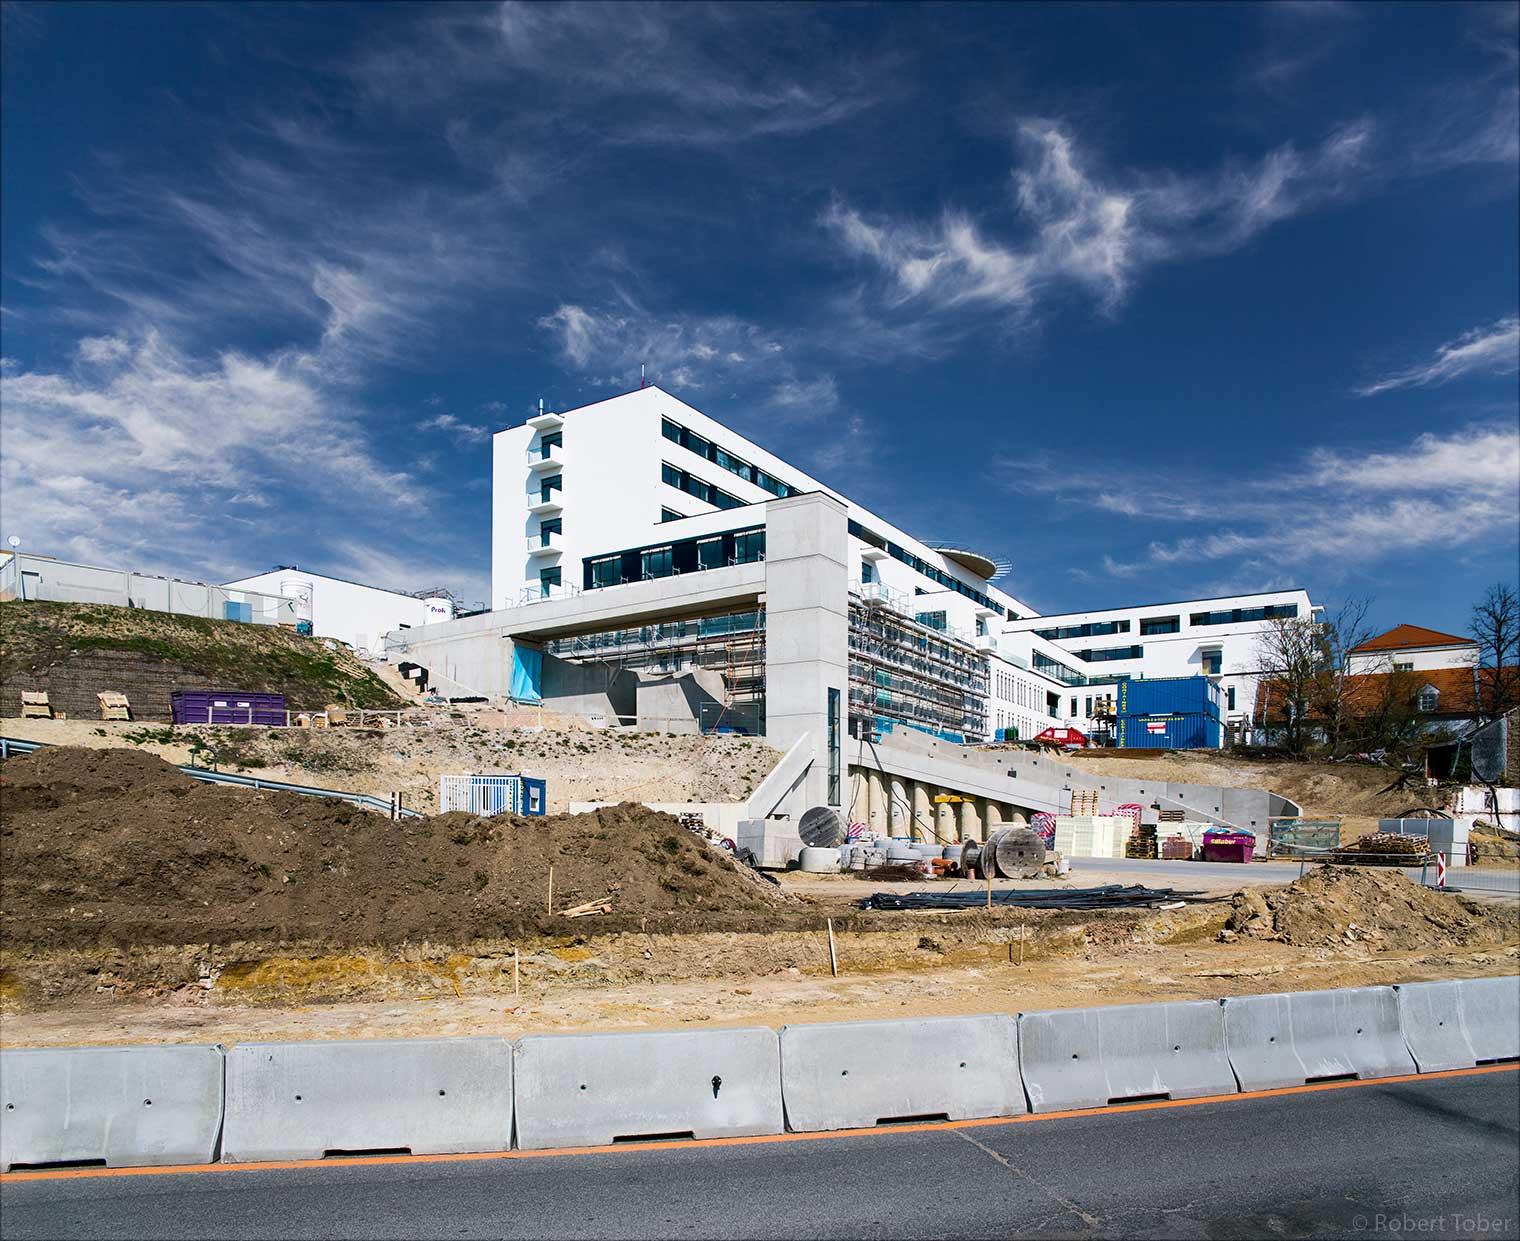 Landesklinikum Mistelbach · Baustelle mit Baucontainern · © Robert Tober Architekturfotograf